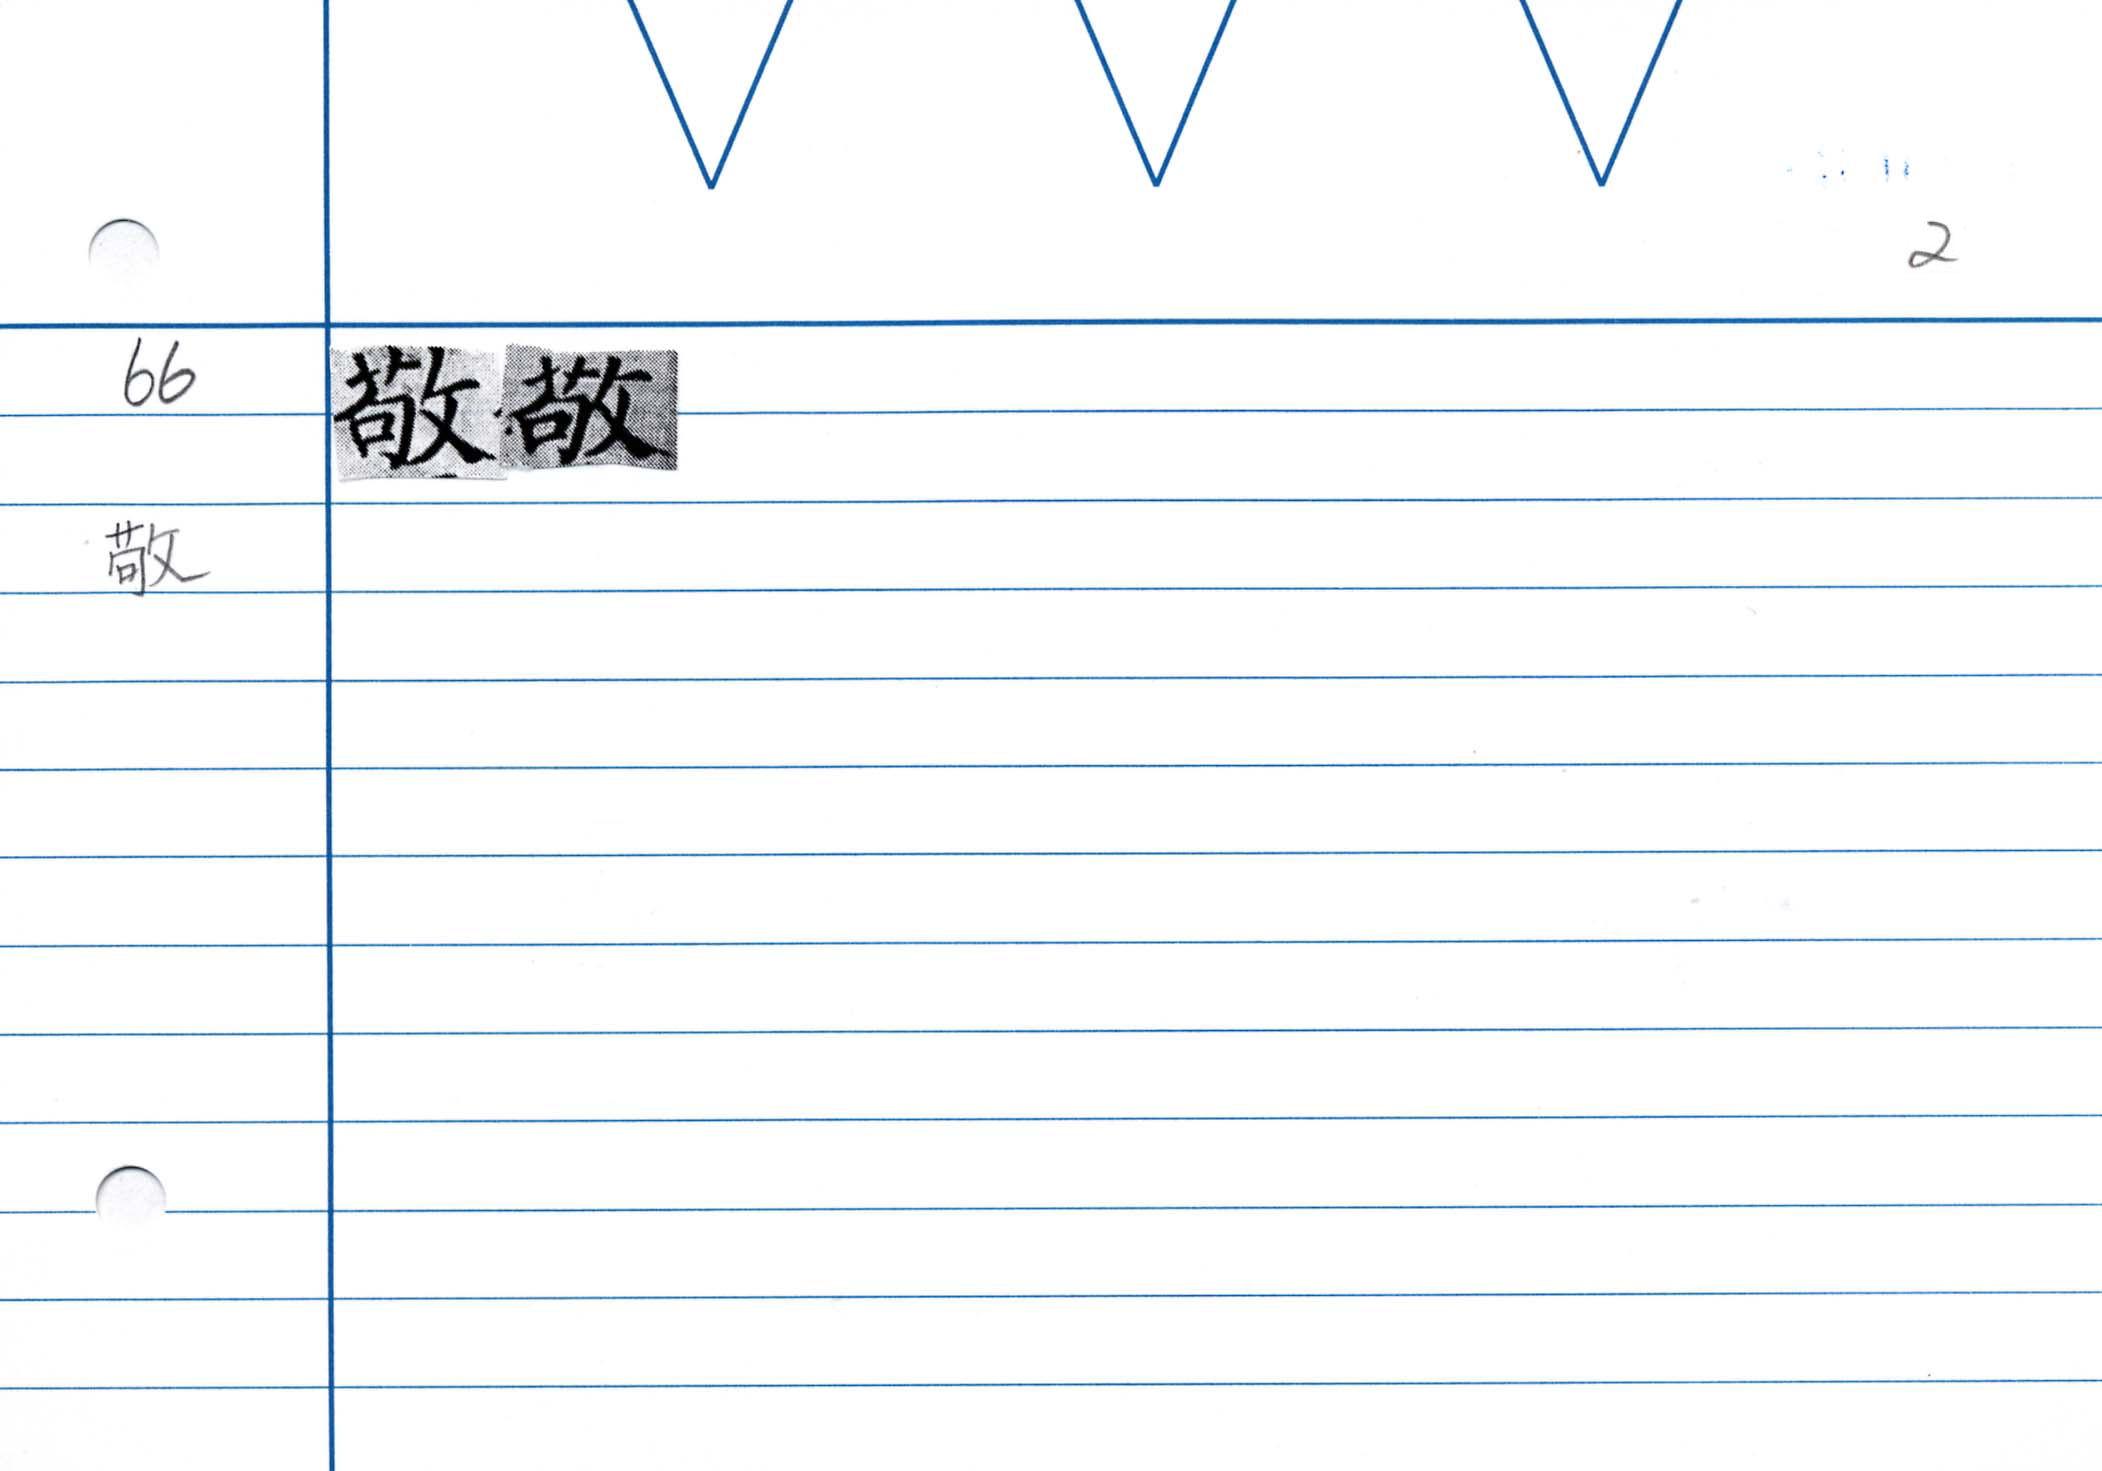 27_金剛般若經(京都国立博物館本)/cards/0062.jpg